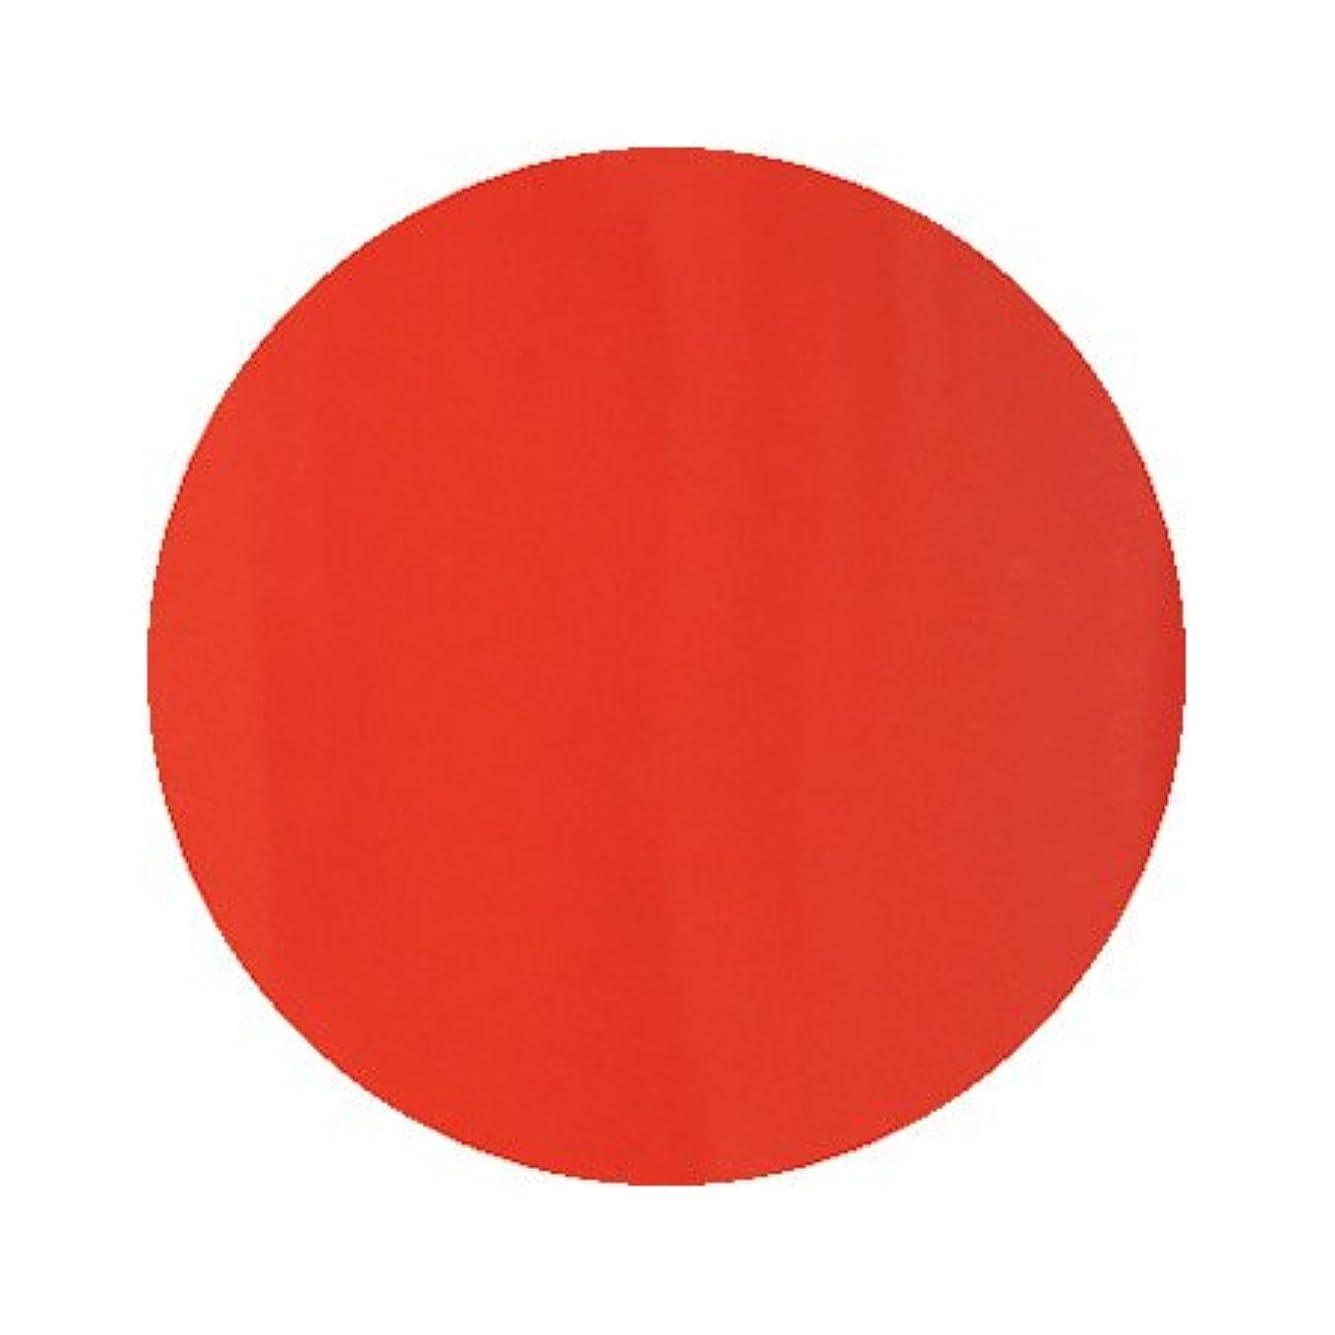 腫瘍異形フラグラントパラポリッシュ ハイブリッドカラージェル V3 ブラッドオレンジ 7g